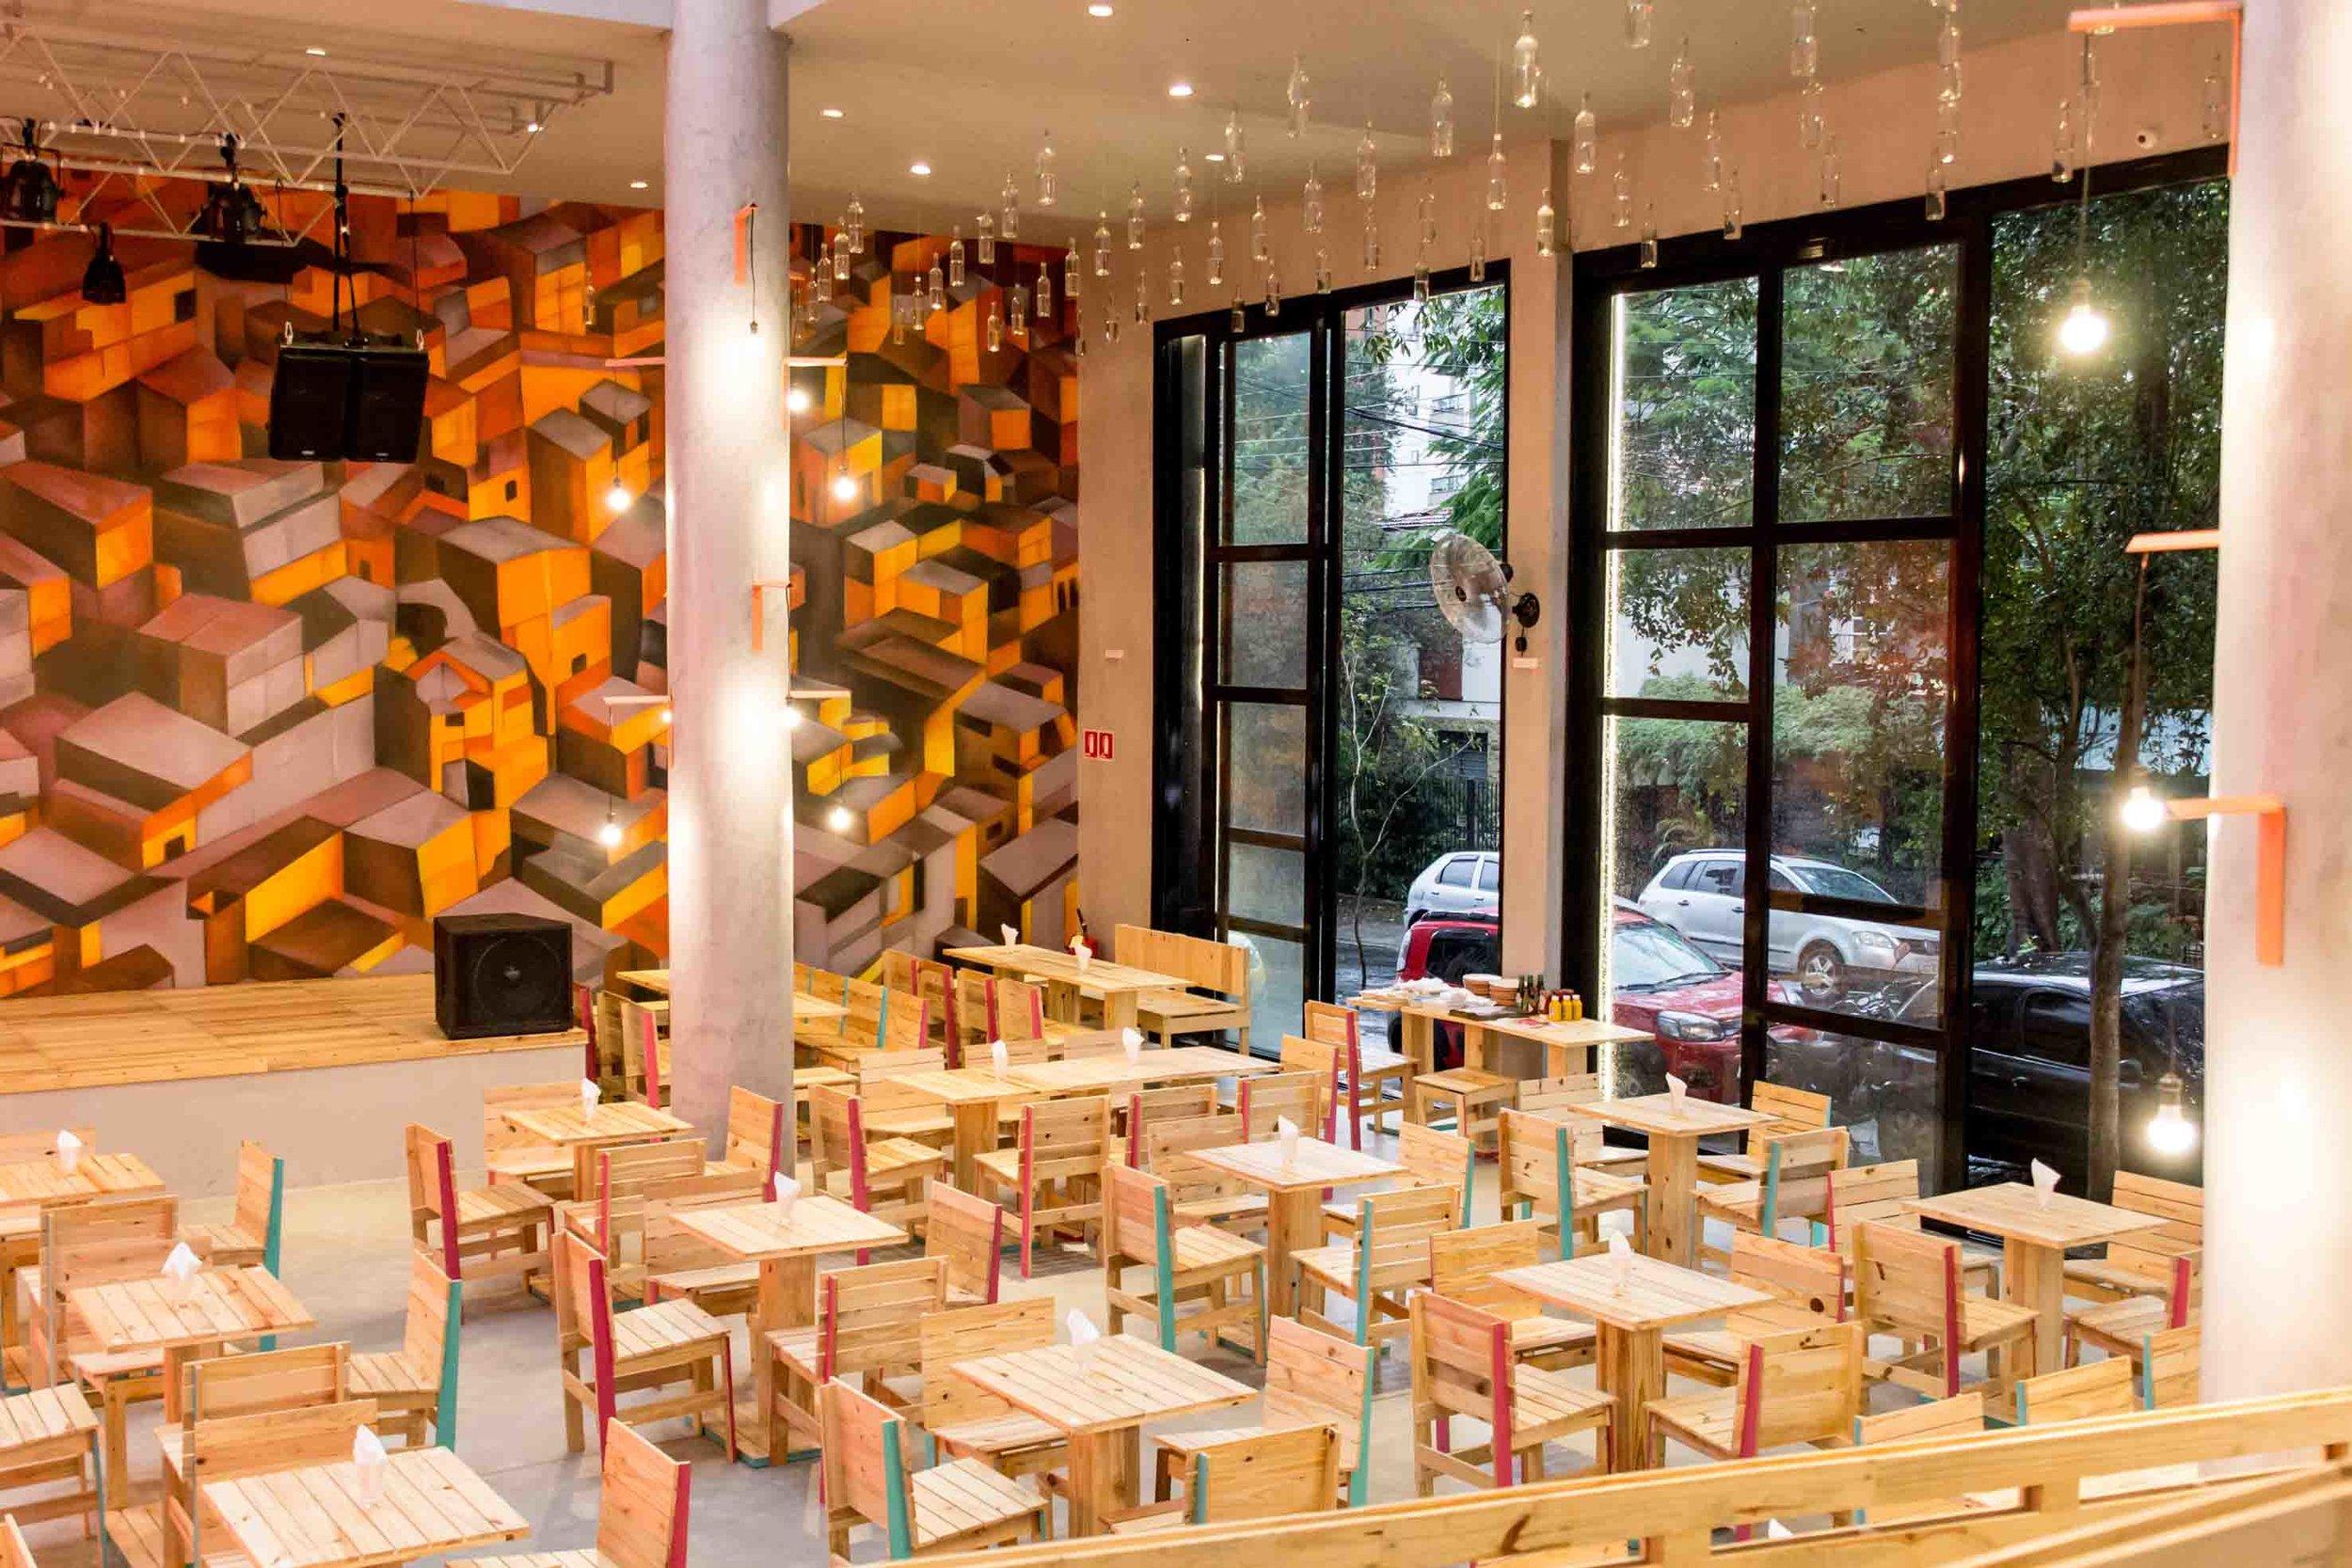 A arquitetura estimula que os clientes se sintam integrados à rua (Foto: Cris Cartacho/Divulgação)